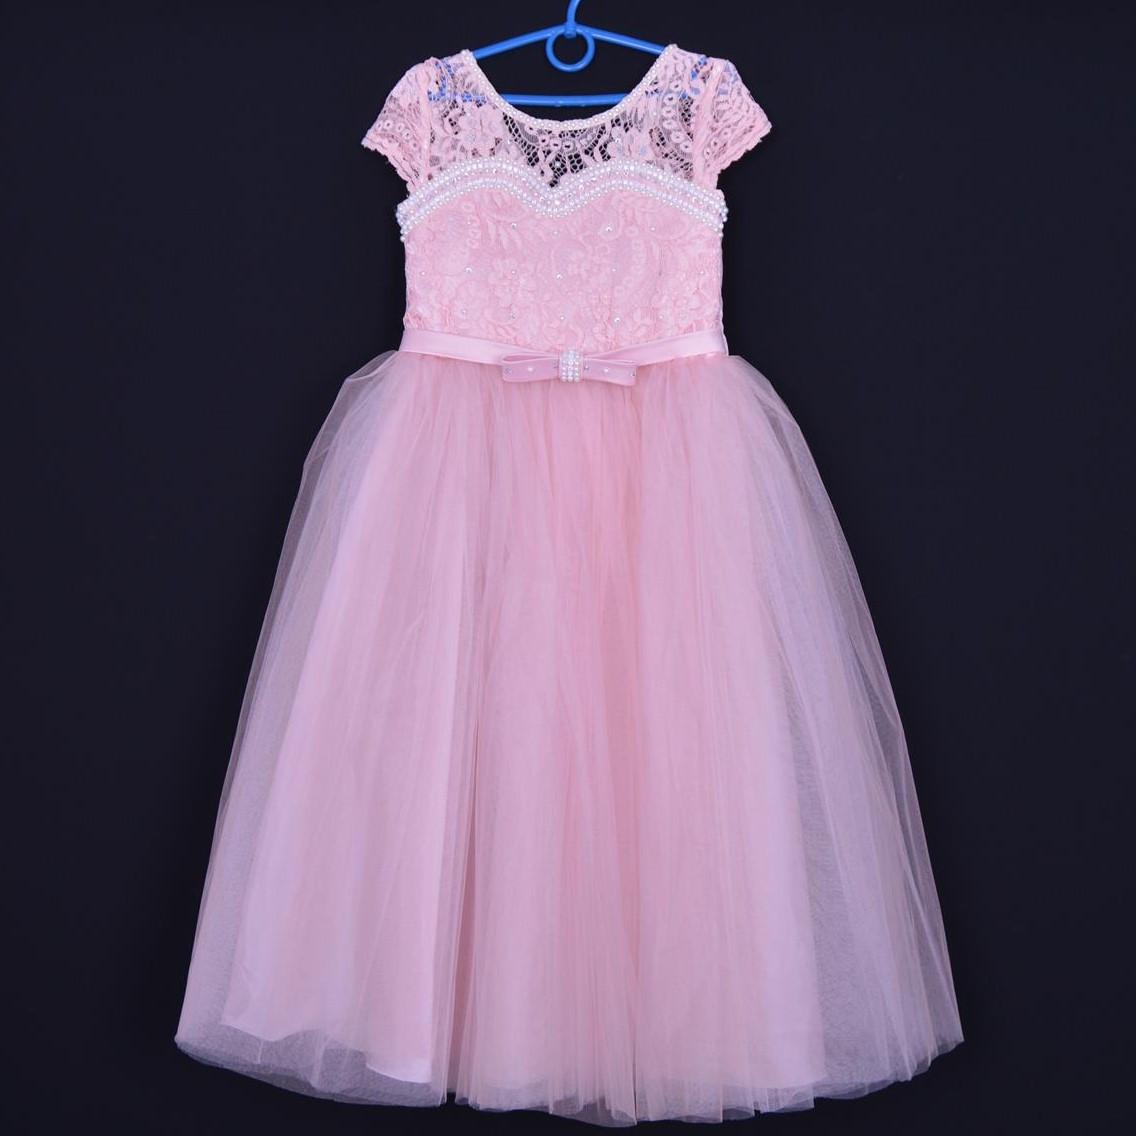 """Нарядное детское платье """"Принцесса"""". 6-7 лет. Пудра. Оптом и в розницу"""